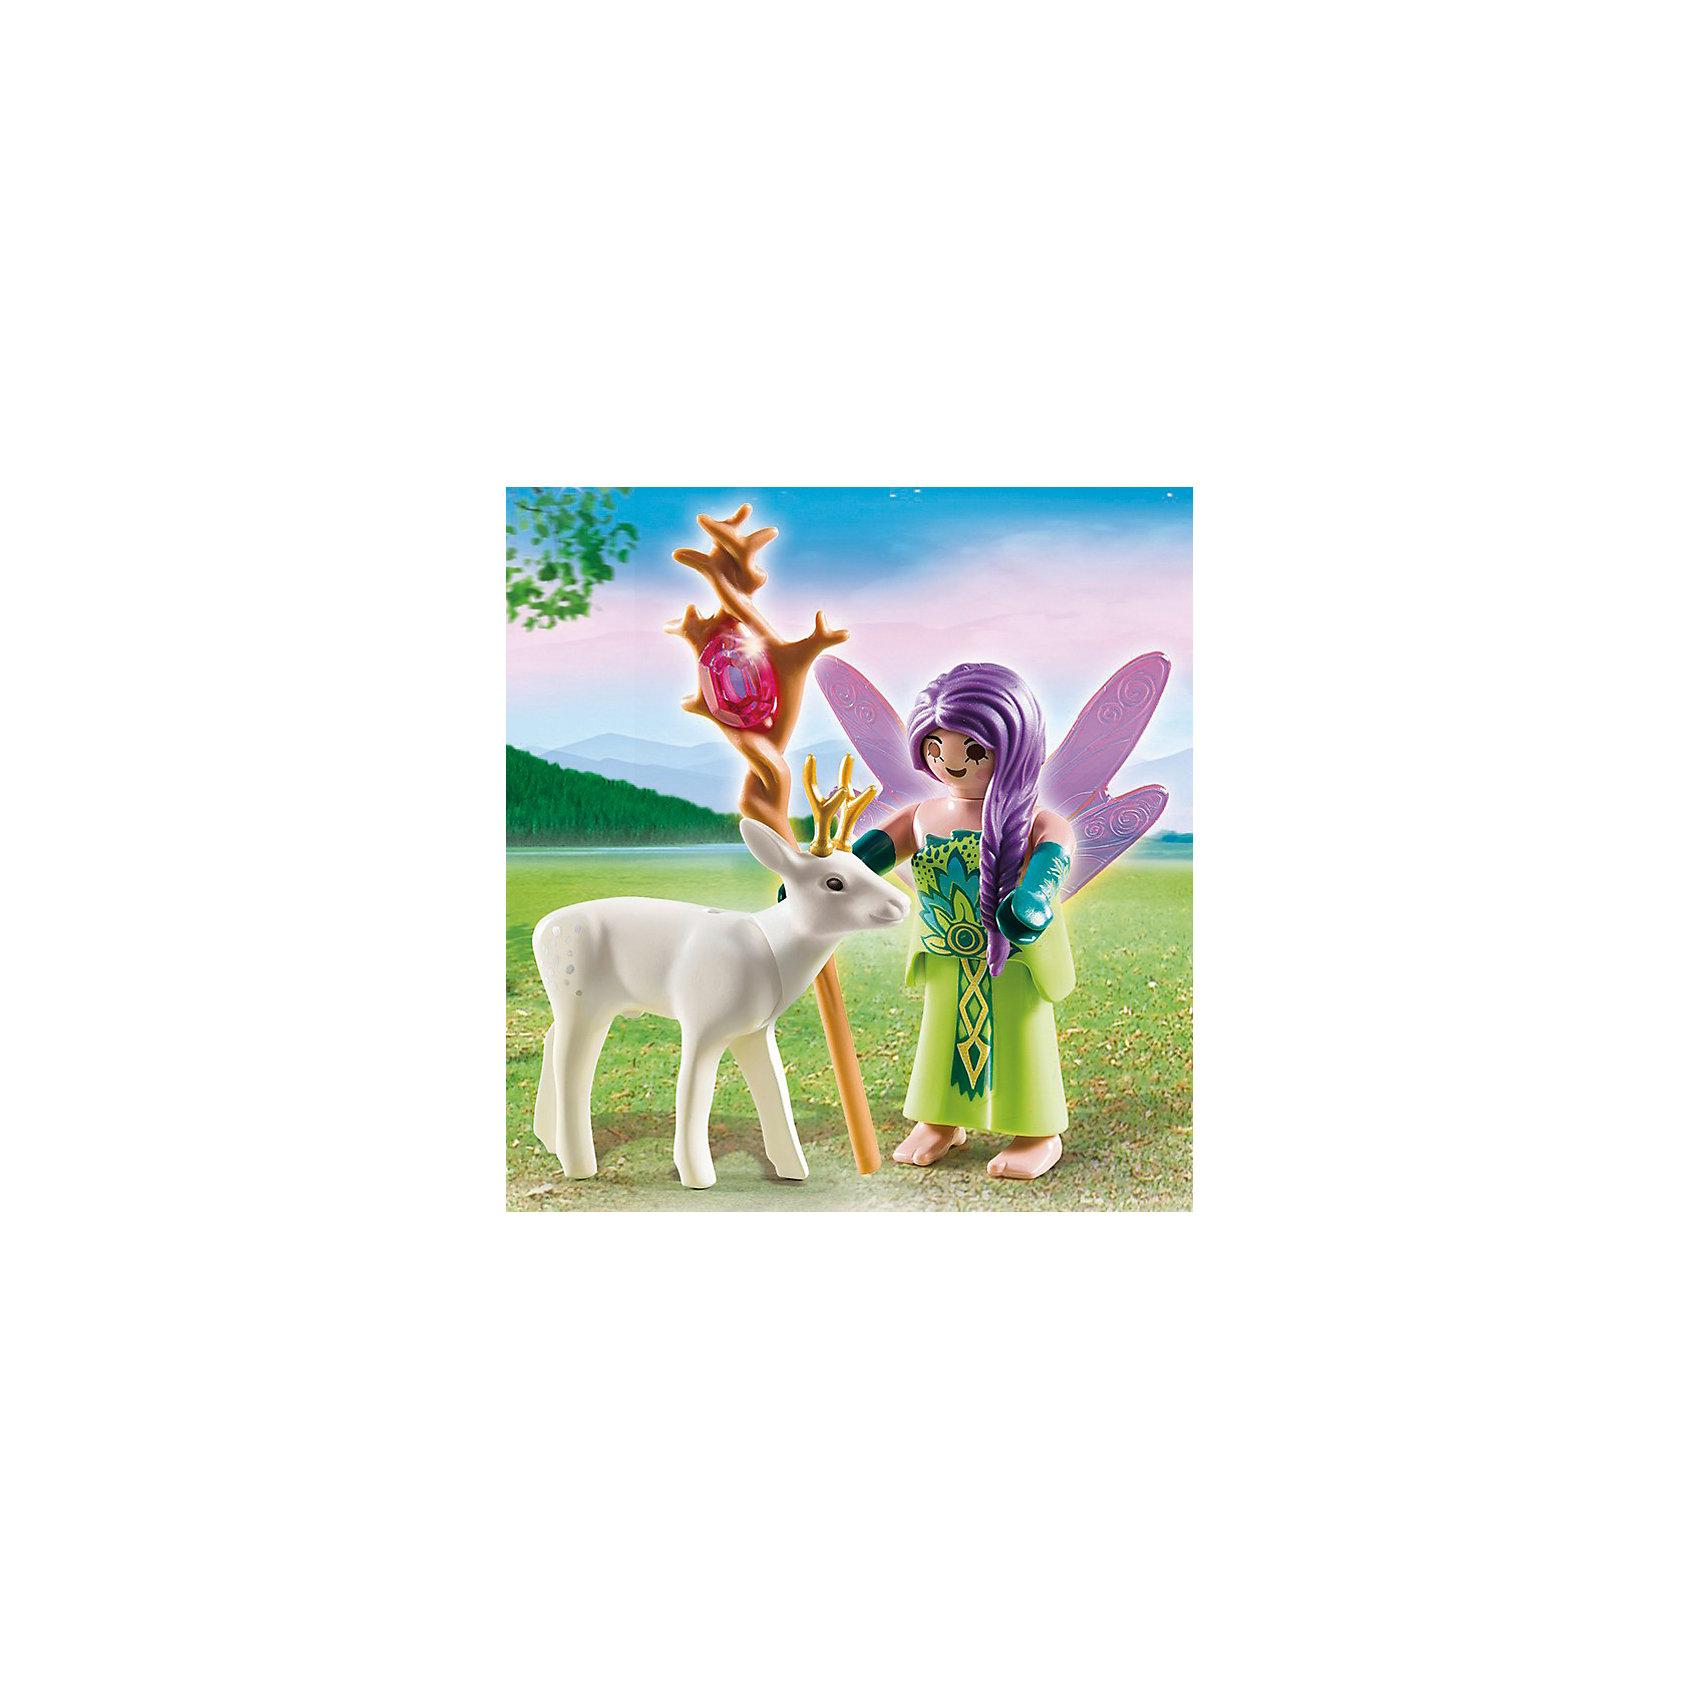 PLAYMOBIL® Экстра-набор: Фея с оленем, PLAYMOBIL playmobil® экстра набор сёрфингист с доской playmobil